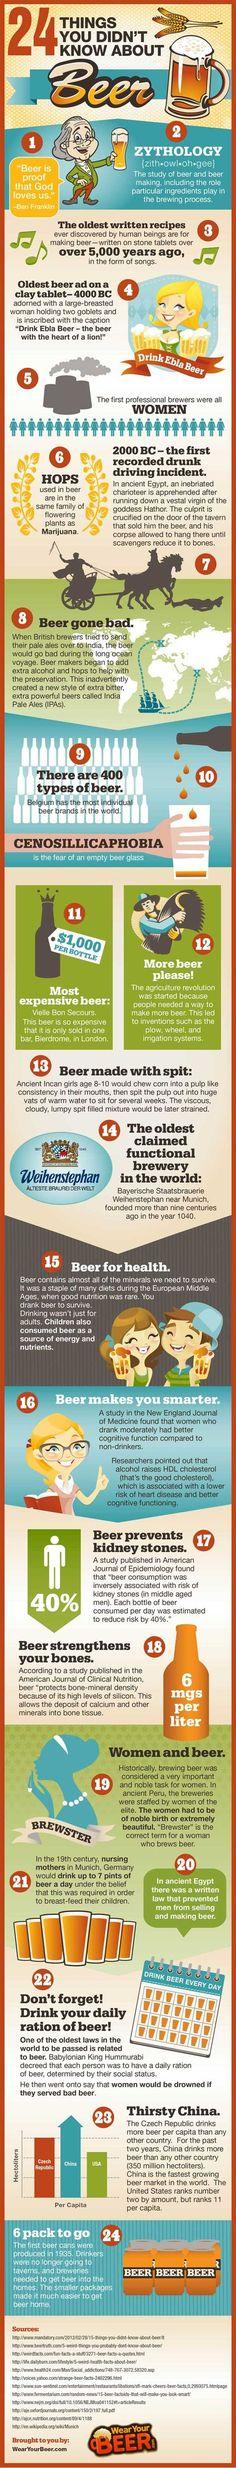 Alcune cose che non sapevate sulla #Birra.... #Beer #Infographic @SaraSaraddi